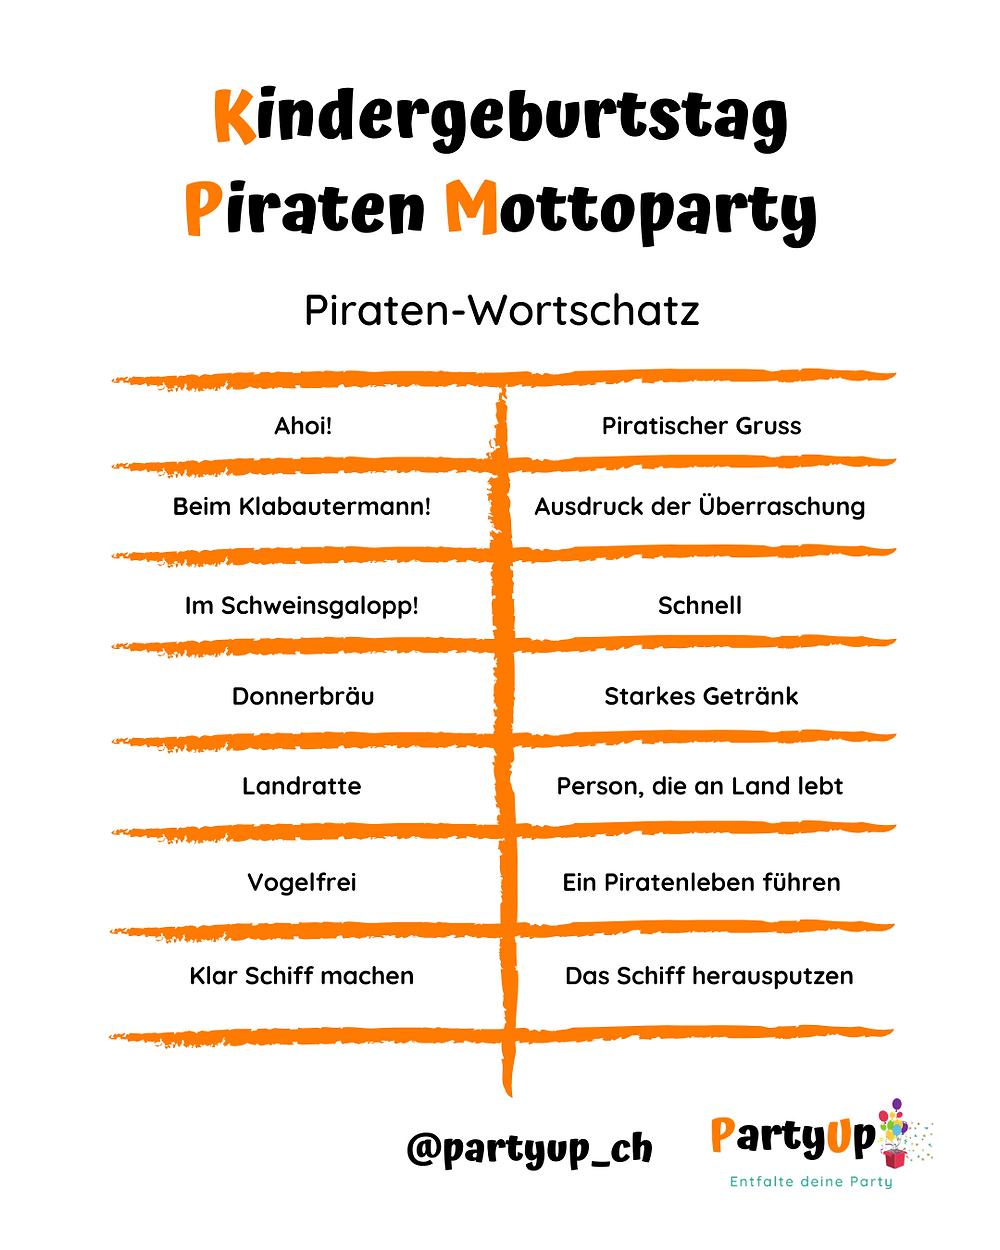 Liste der wichtigsten Piraten Wörter zum Kindergeburtstag